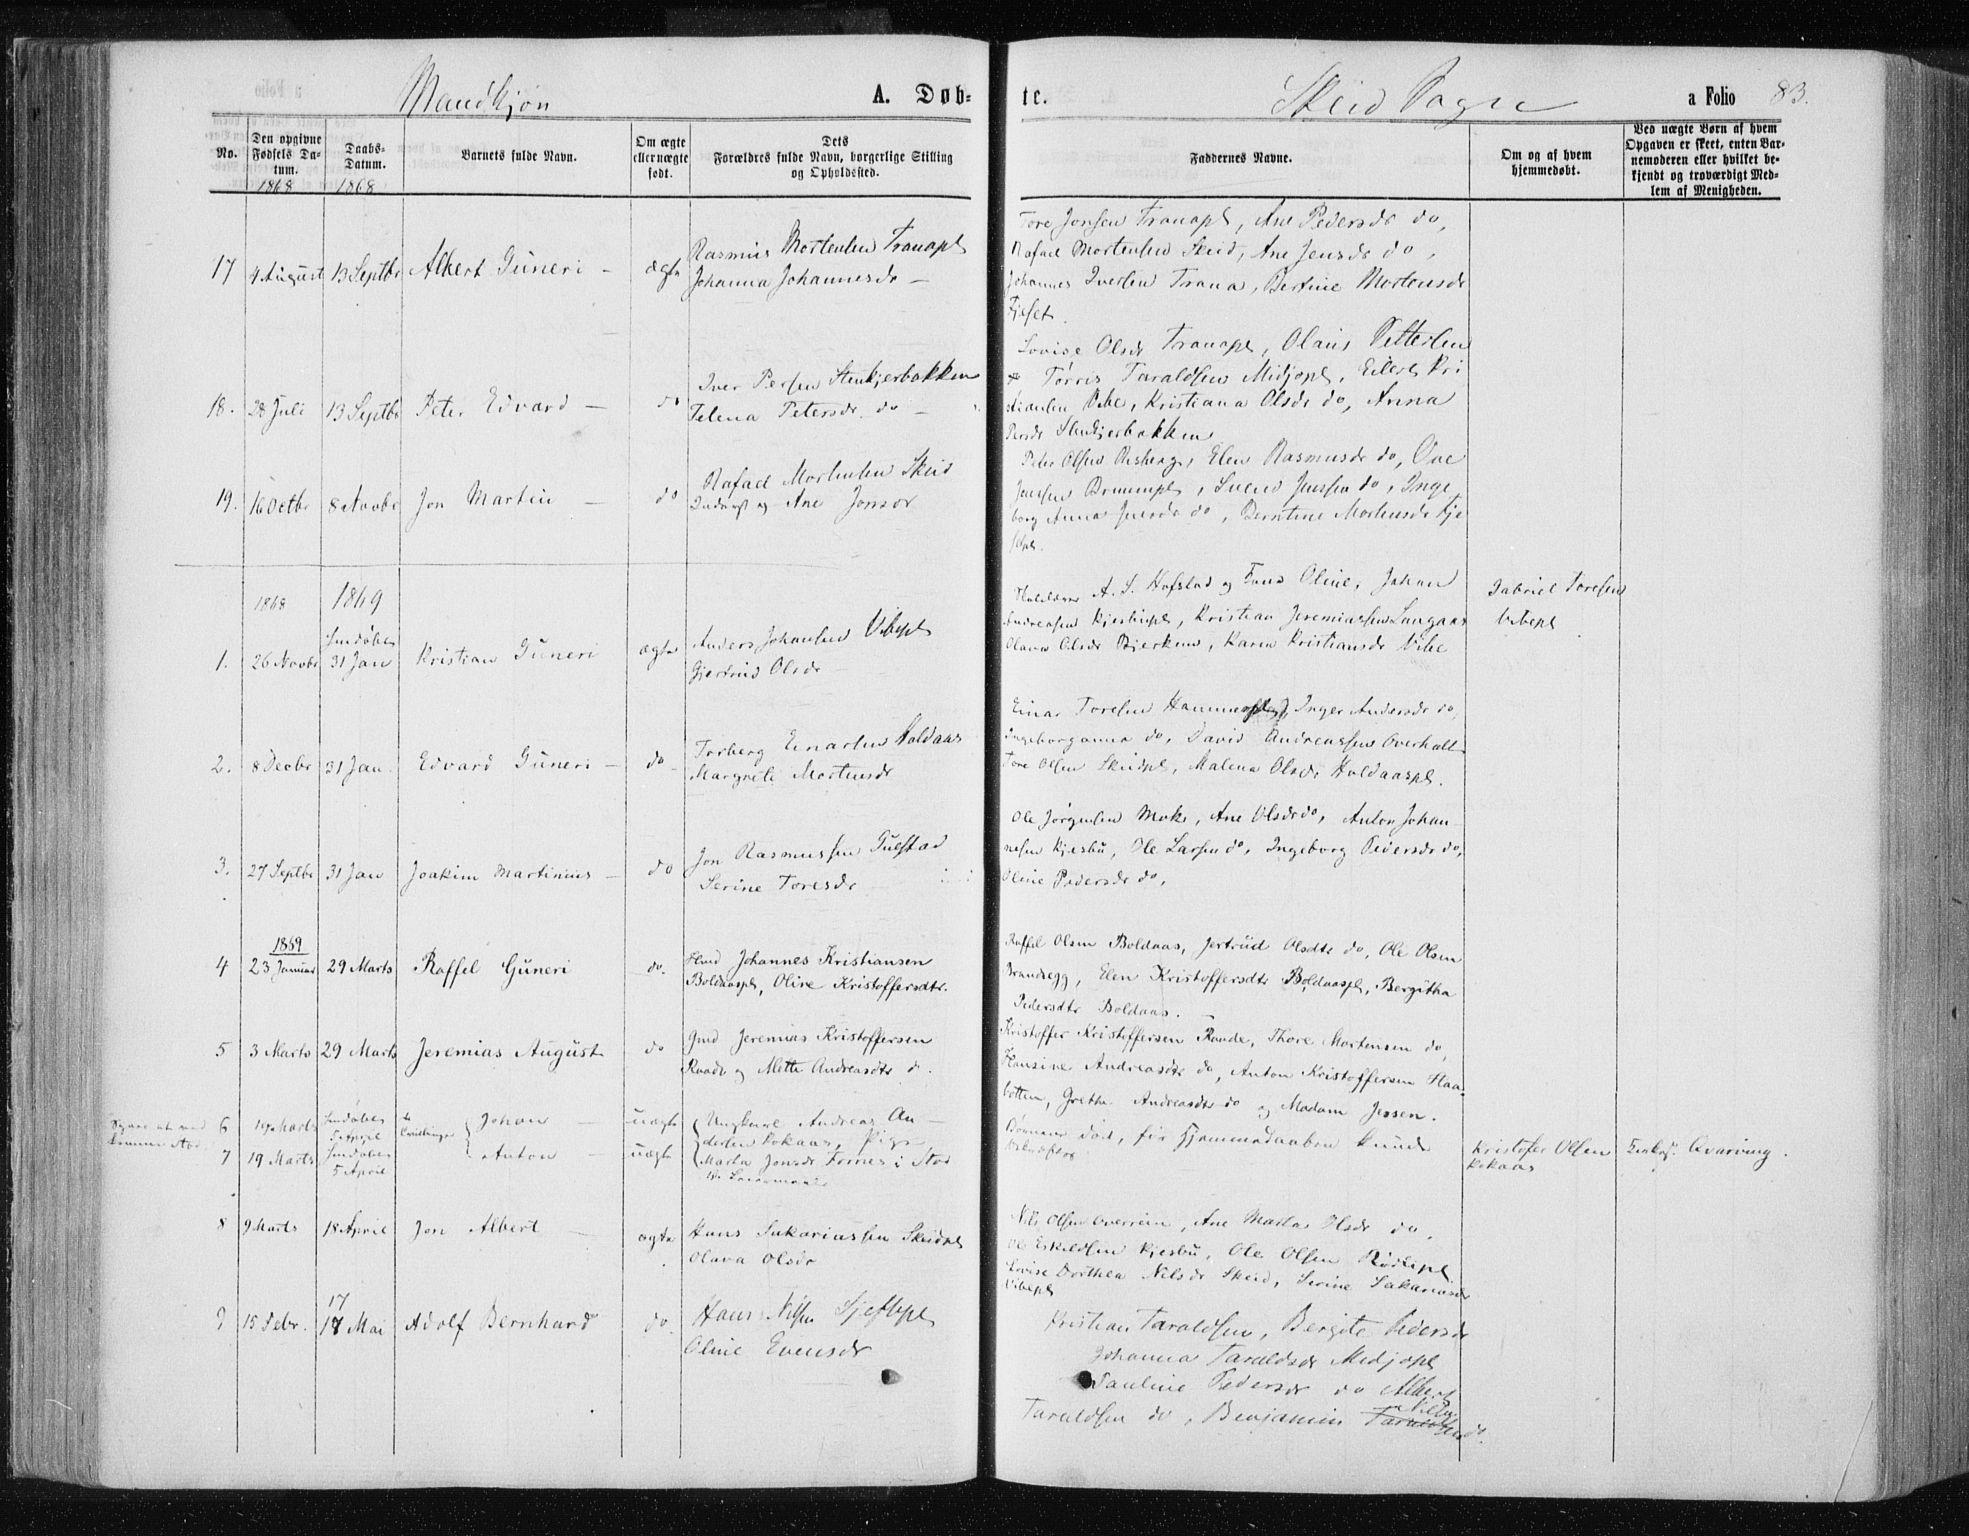 SAT, Ministerialprotokoller, klokkerbøker og fødselsregistre - Nord-Trøndelag, 735/L0345: Ministerialbok nr. 735A08 /2, 1863-1872, s. 83